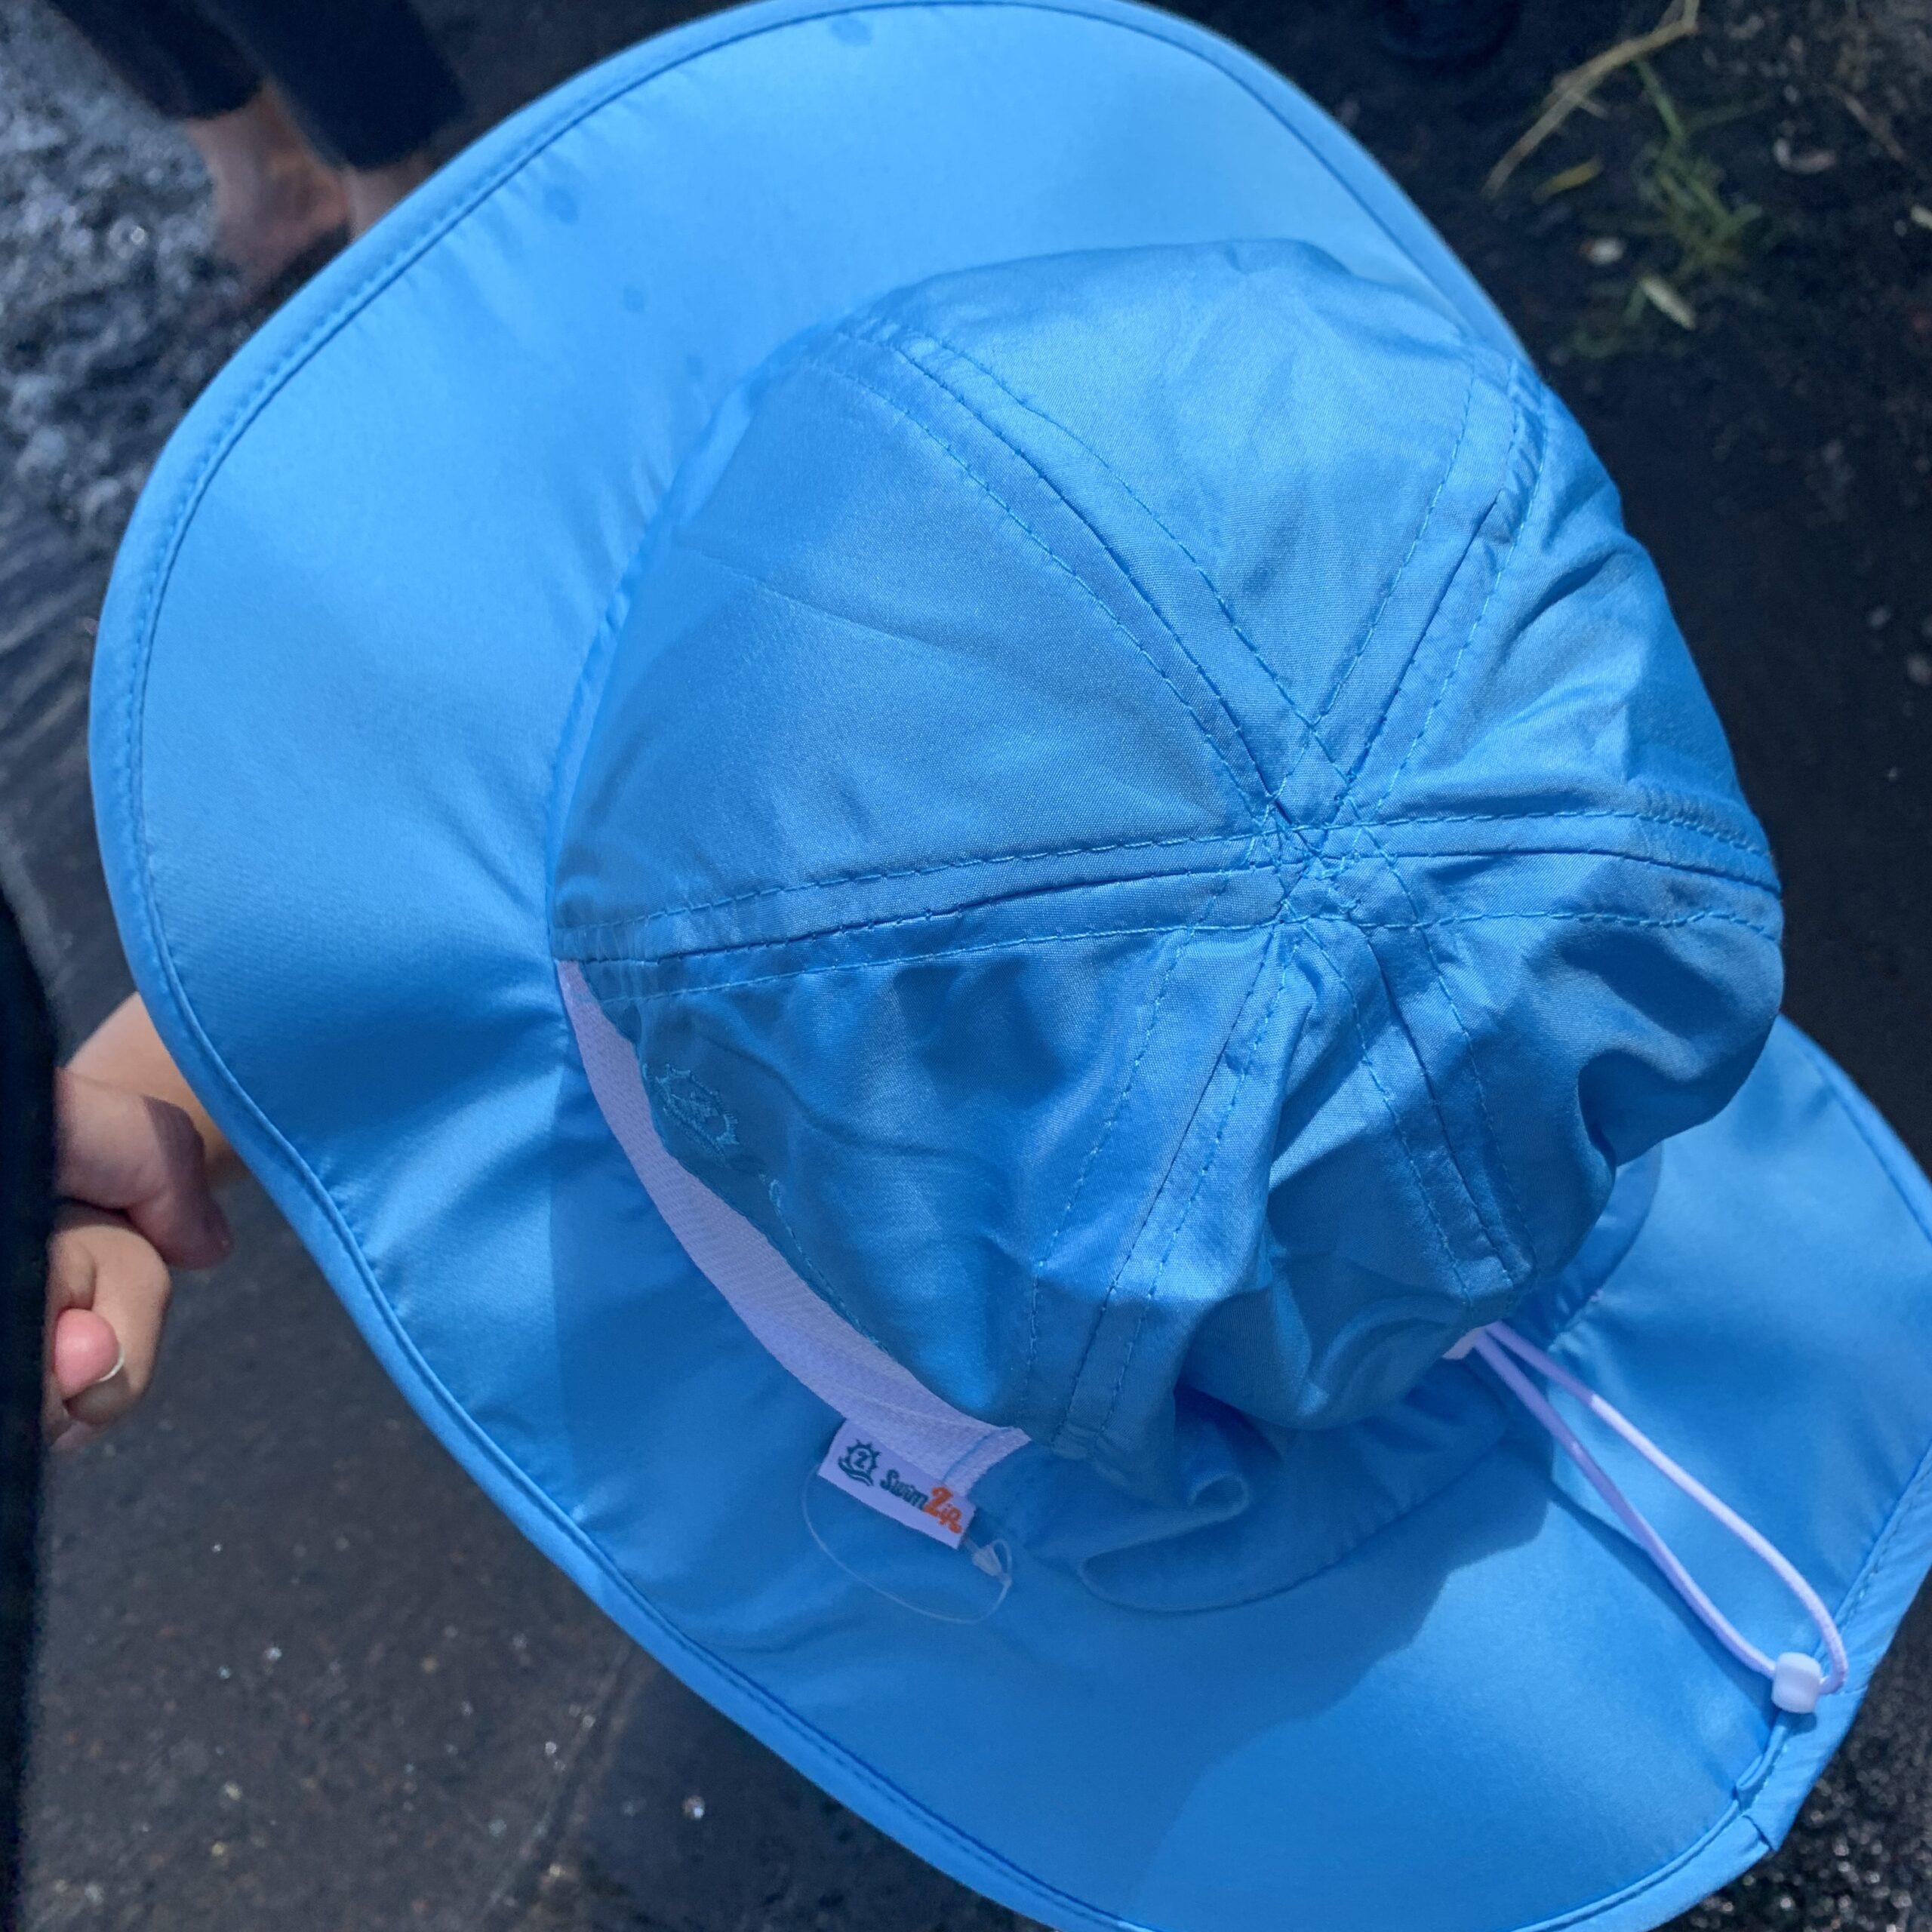 スイムジップの帽子を1歳児に使ってみた!大きめのつばと頭囲の調整紐が秀逸!